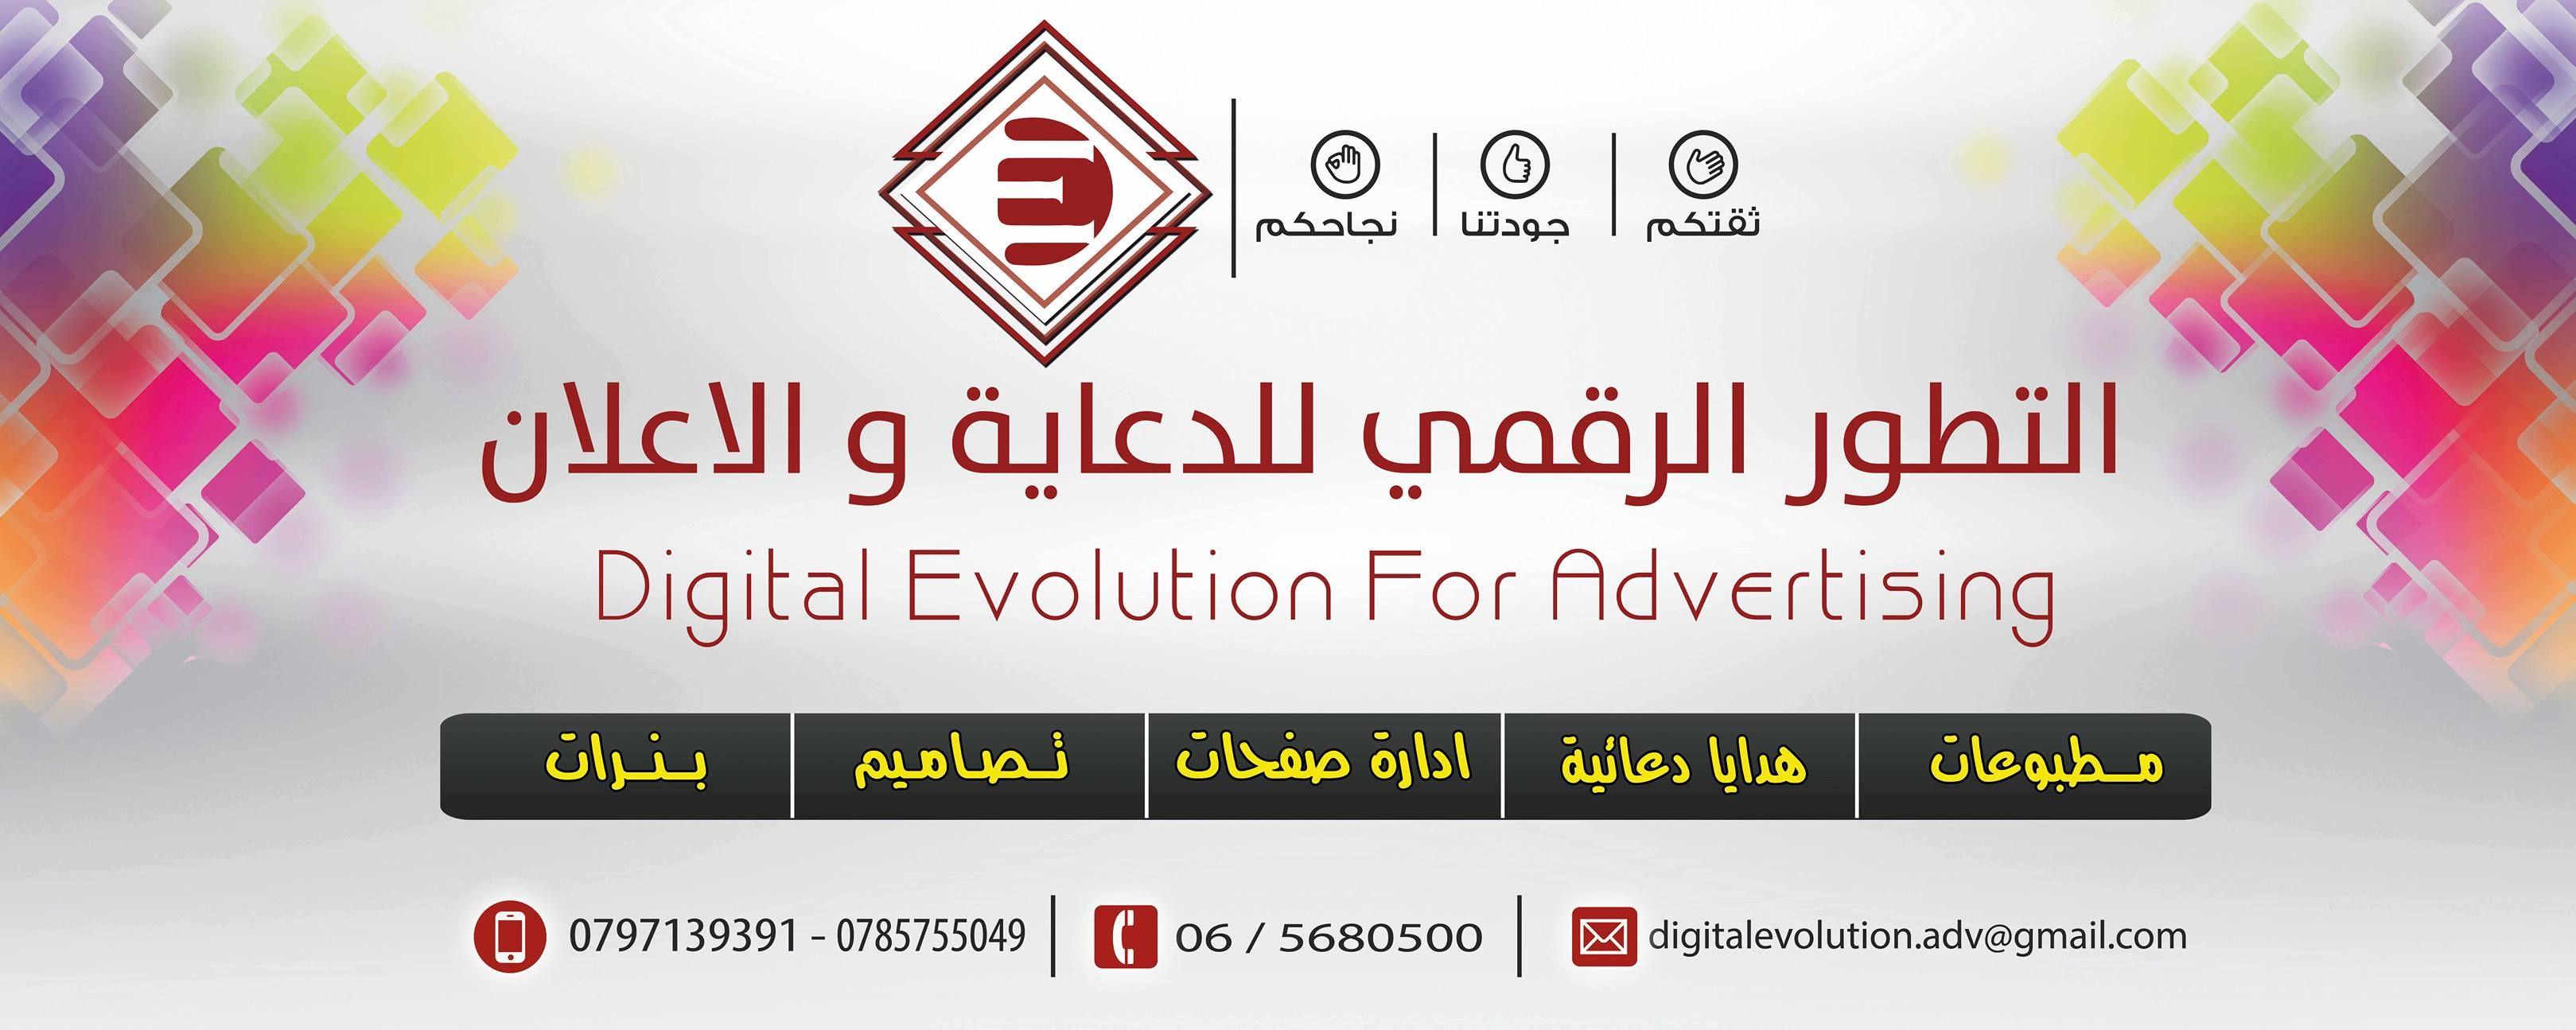 التطور الرقمي للدعاية والاعلان دعاية اعلان تصميم Amman